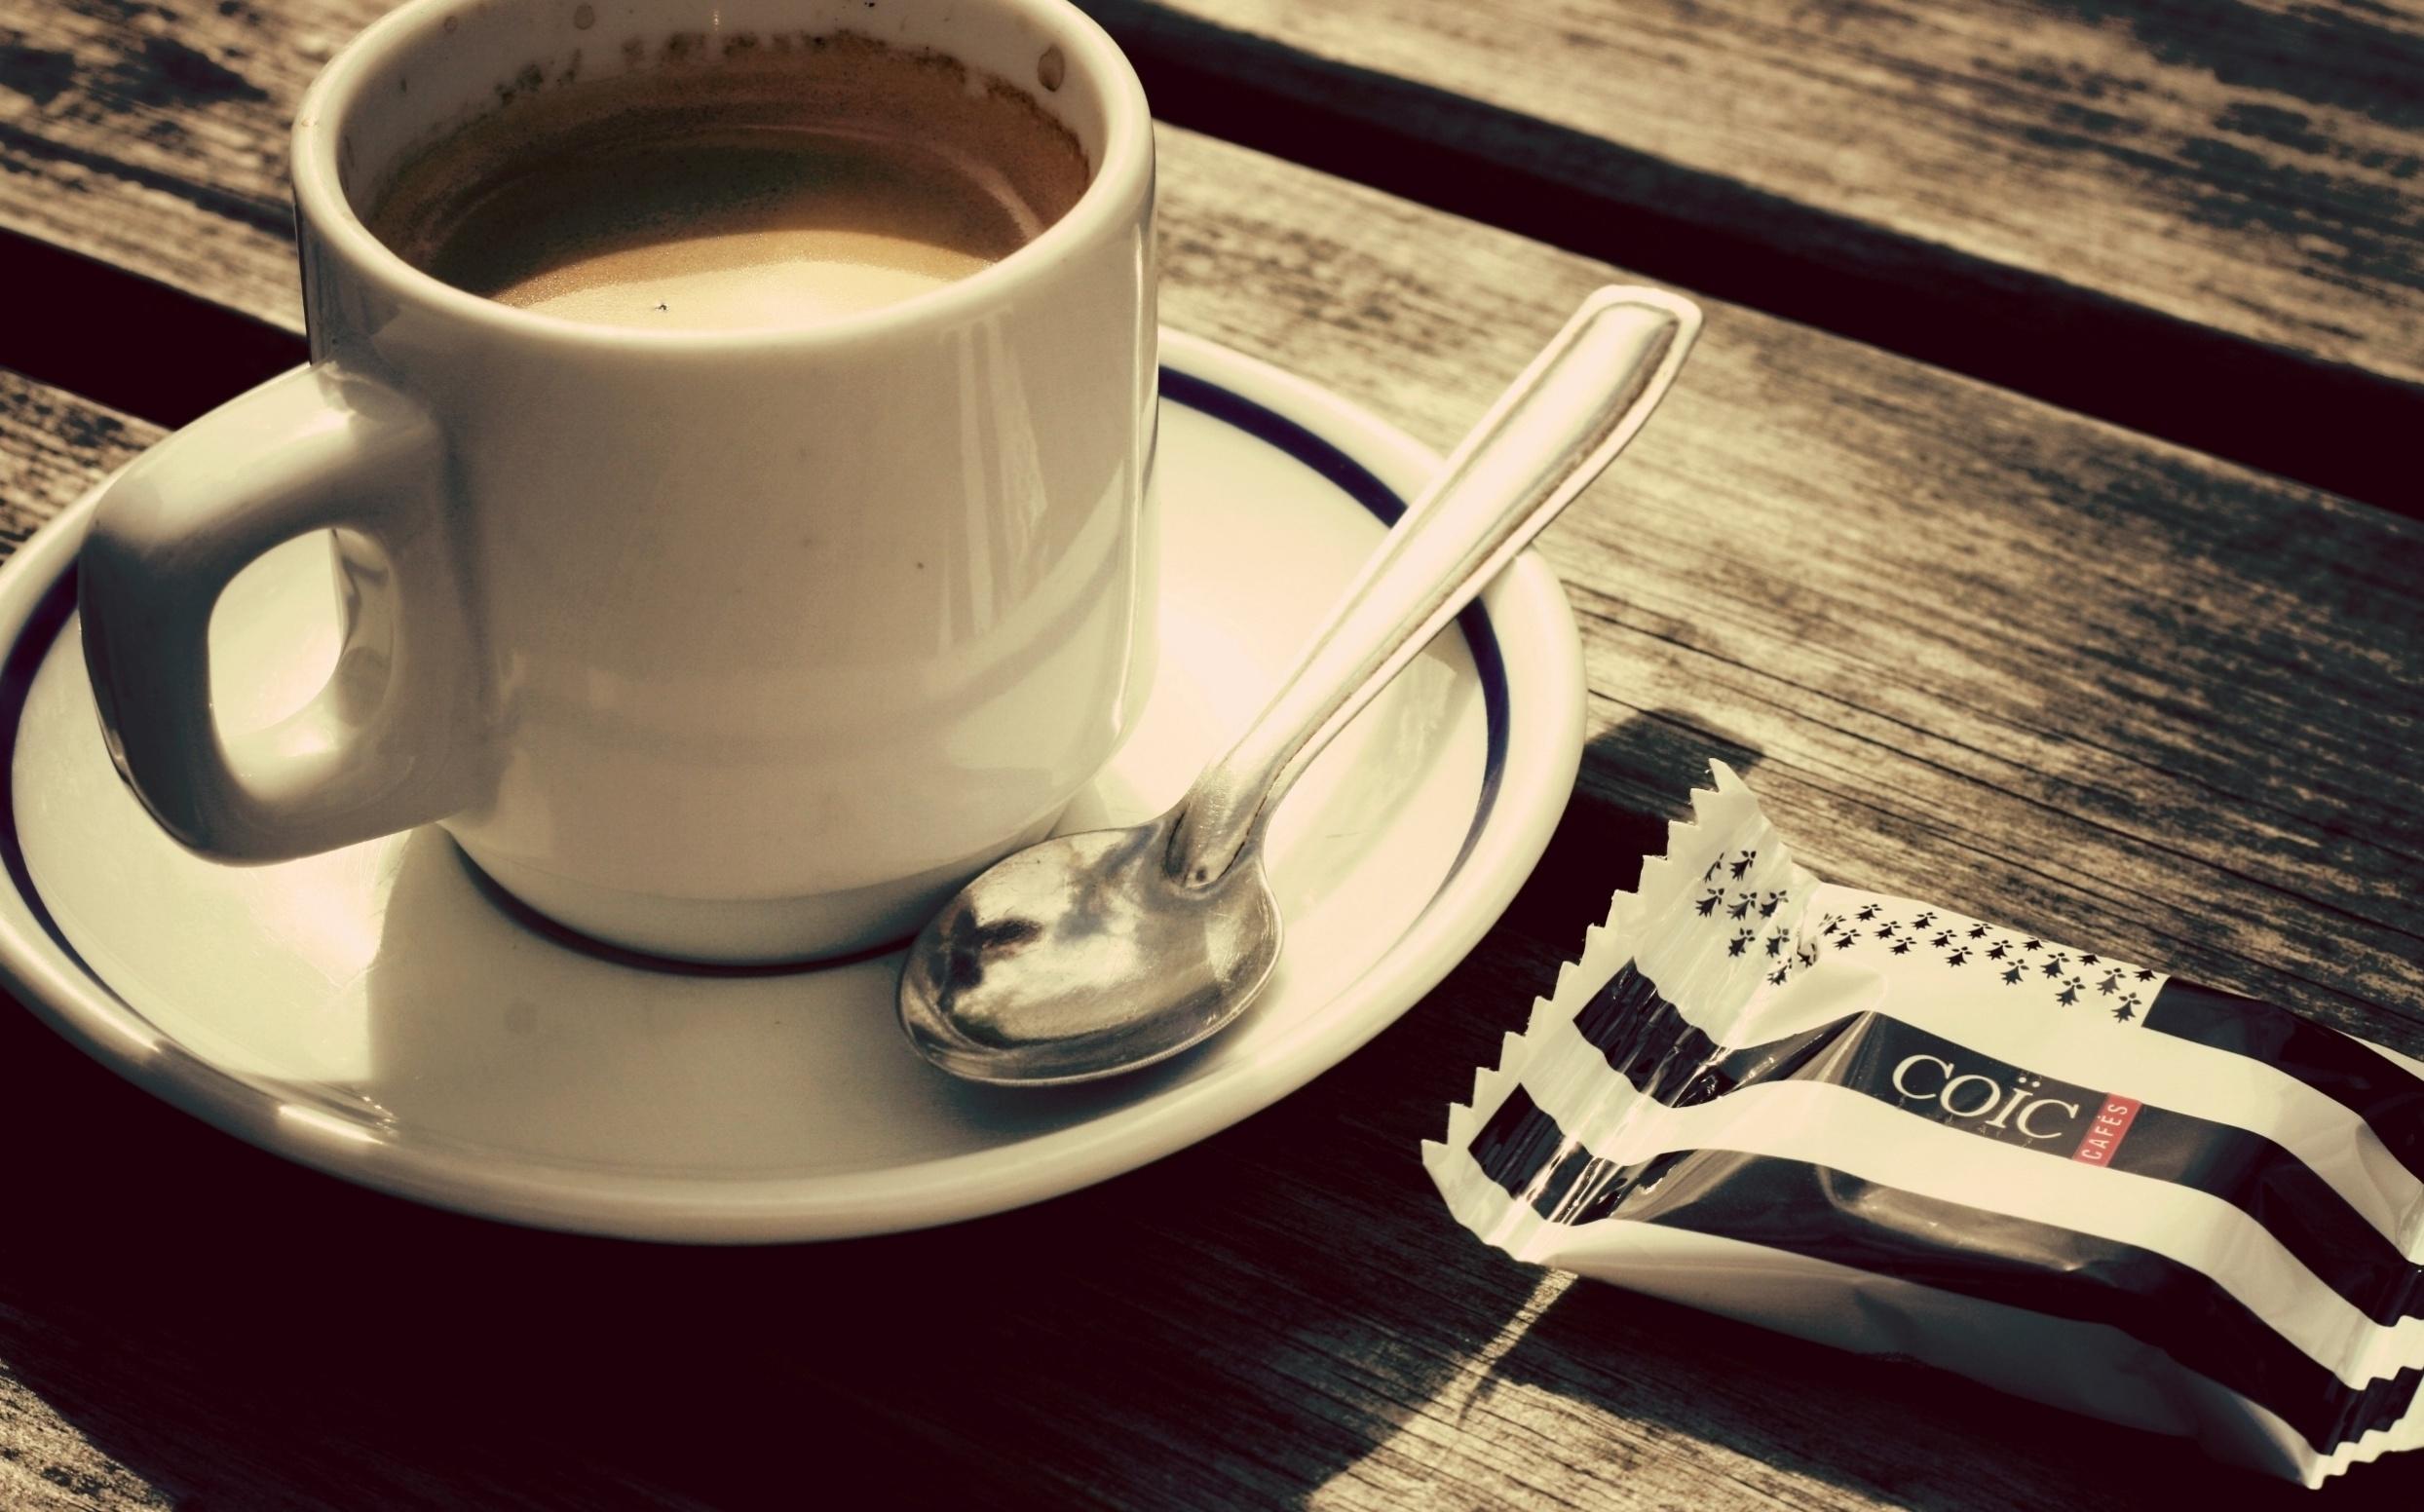 kaffeepause berlin - € 16.00 pro PersonKaffee/ Tee/Wasser/Berliner Weiße, Buletten, Schusterjungs mit Hackepeter, Berliner Pfannkuchen, Rote Grütze mit Vanillesauce